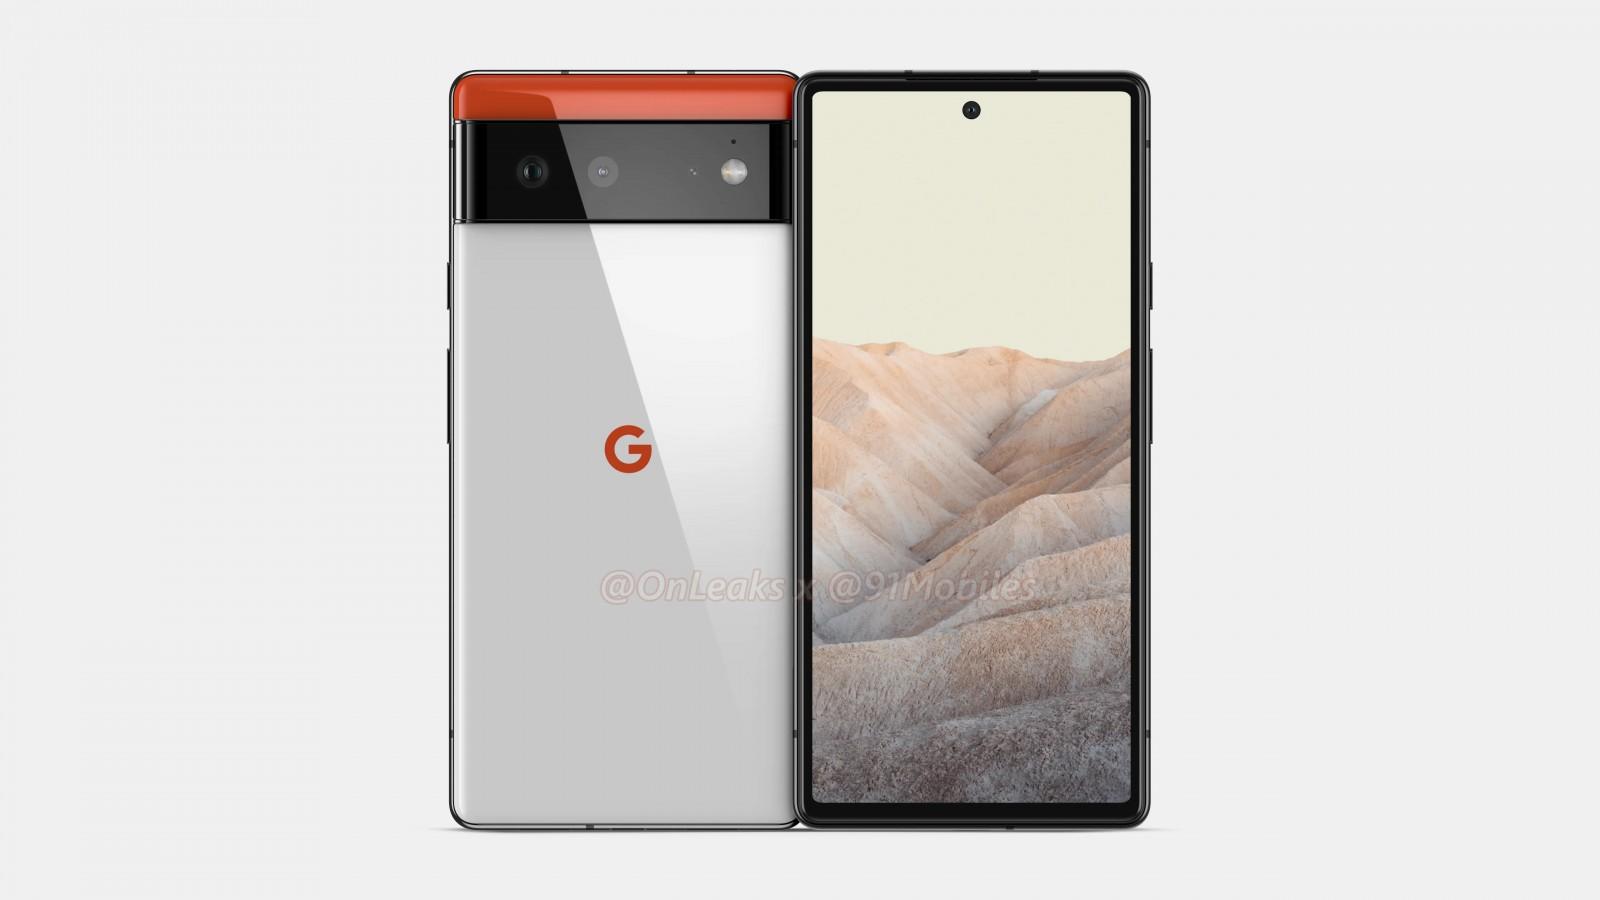 تصاویر قاب گوشی پیکسل 6 طراحی پیچیدهای را نشان میدهند